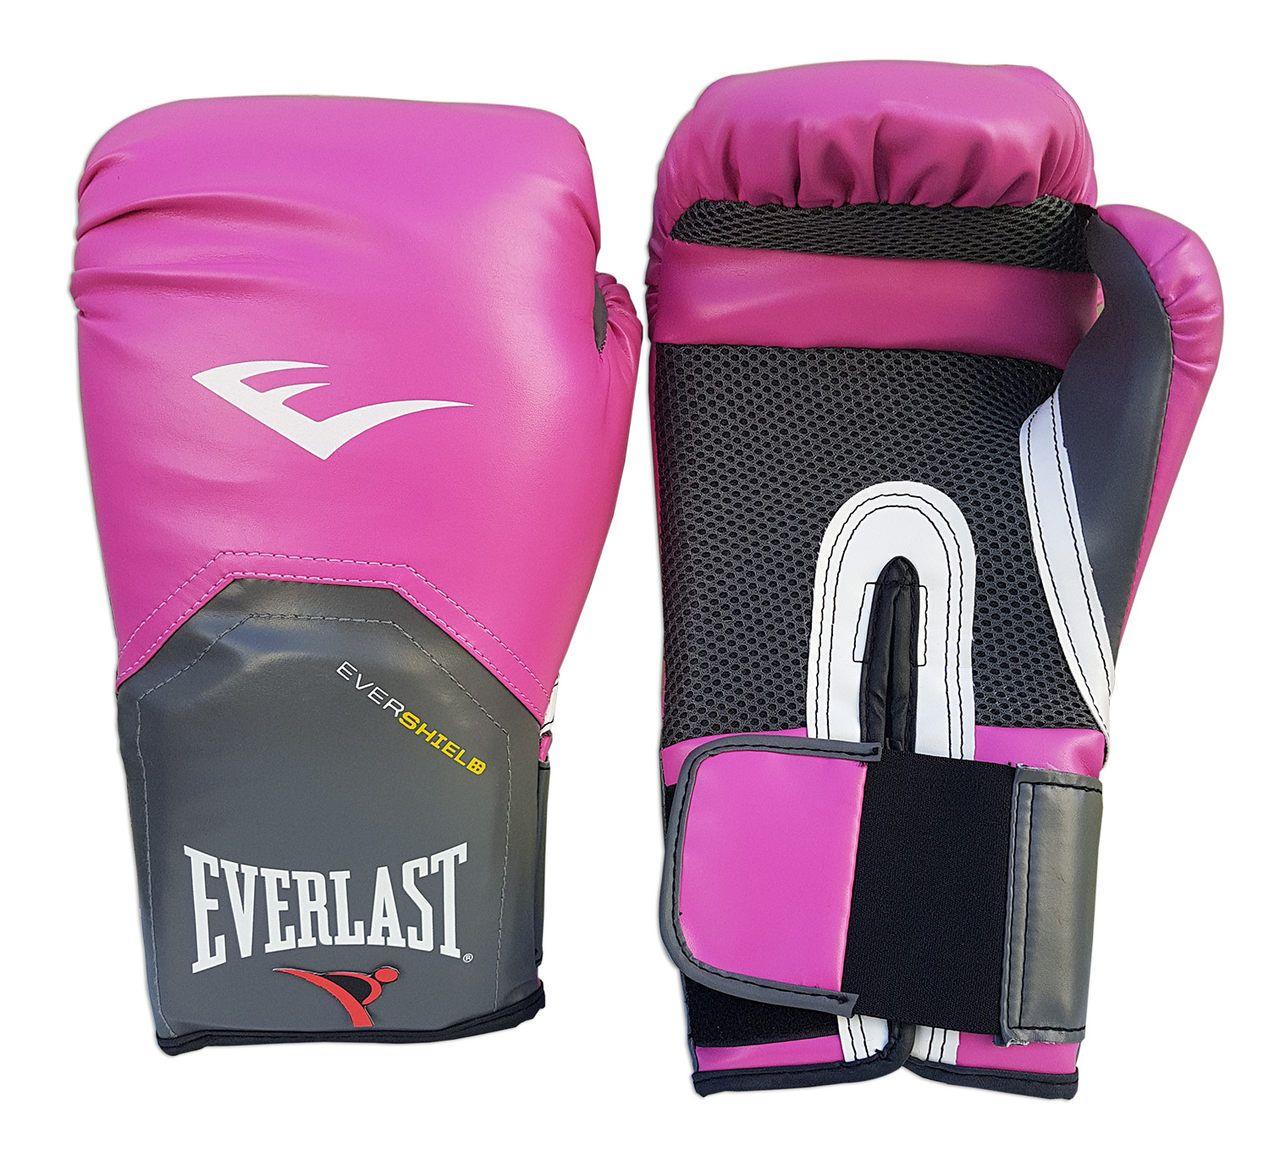 Kit de Boxe / Muay Thai Feminino 14oz - Rosa - Pro Style - Everlast  - PRALUTA SHOP